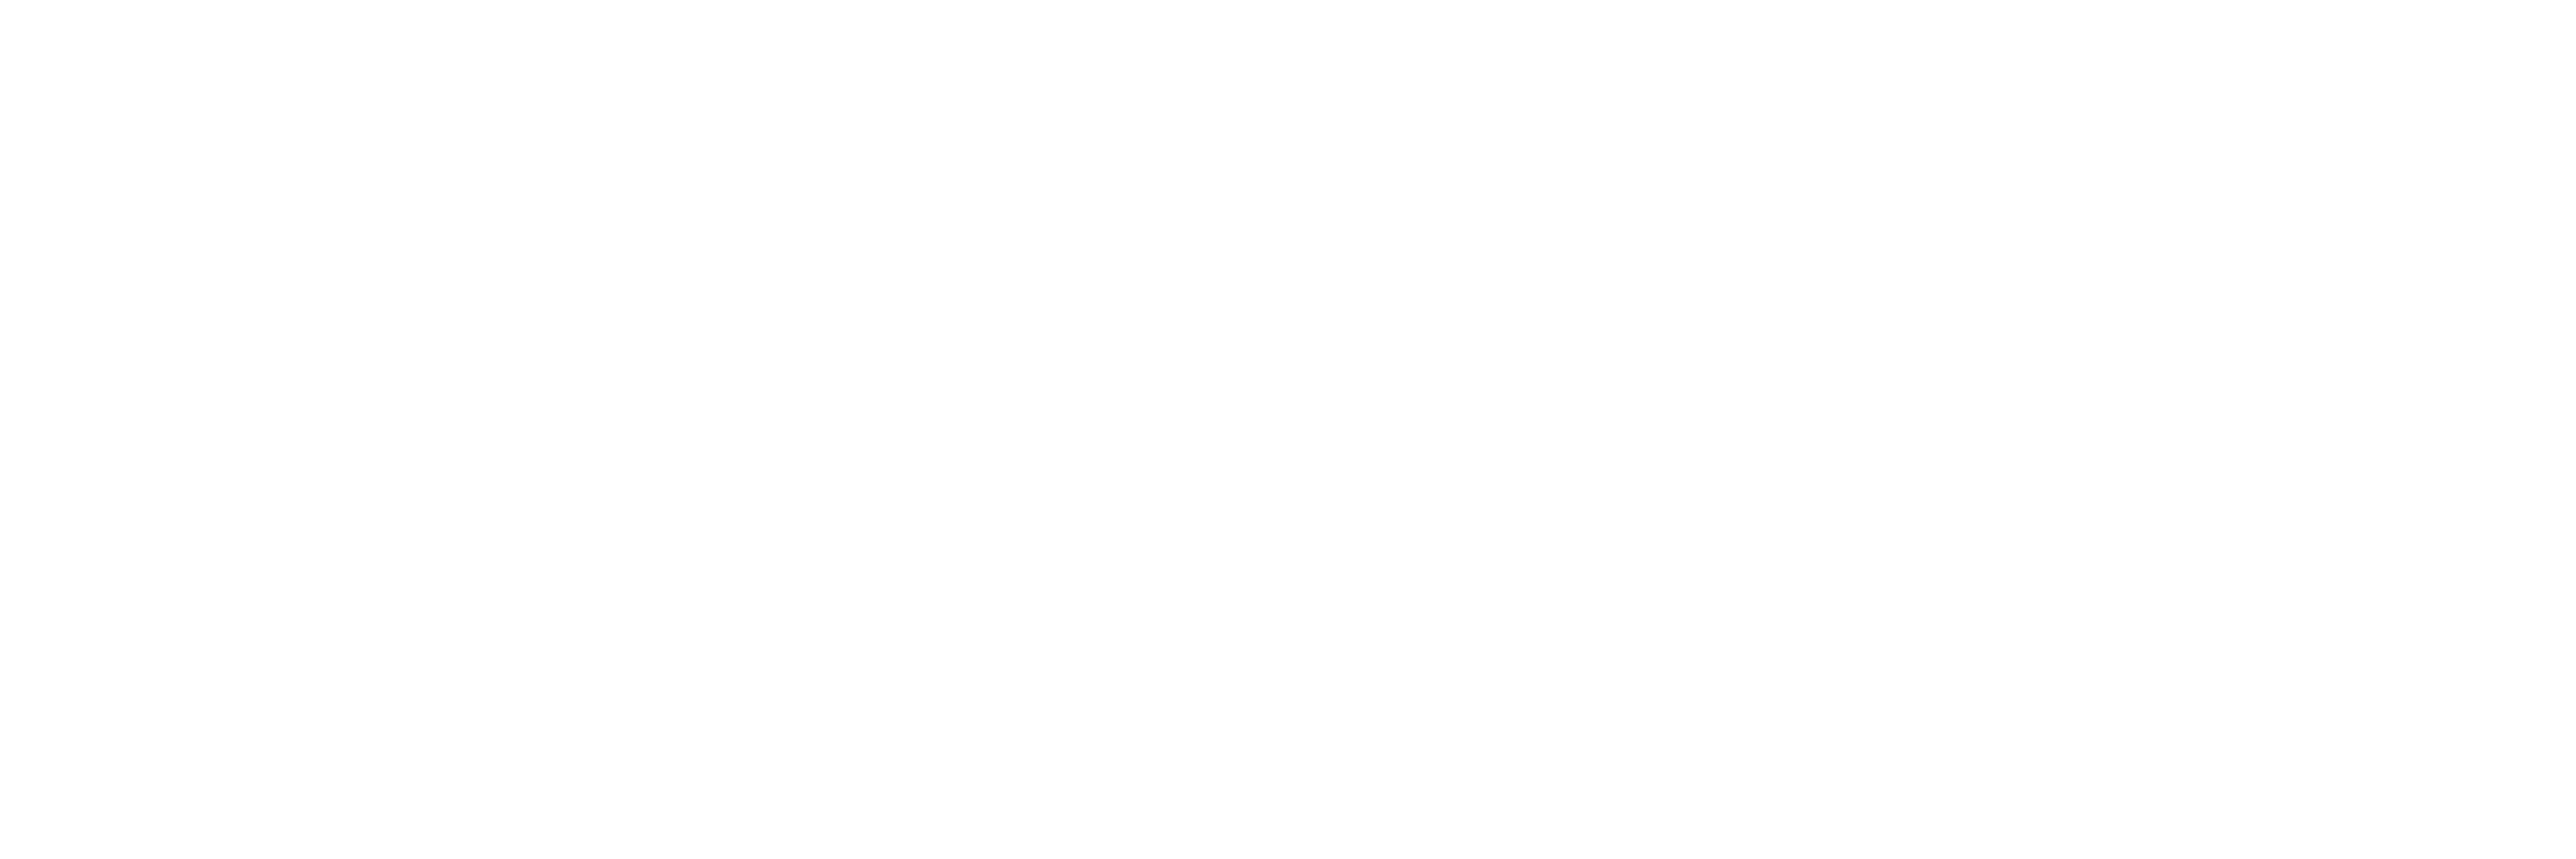 Indigenous urbanism podcastlogo whitetext 02